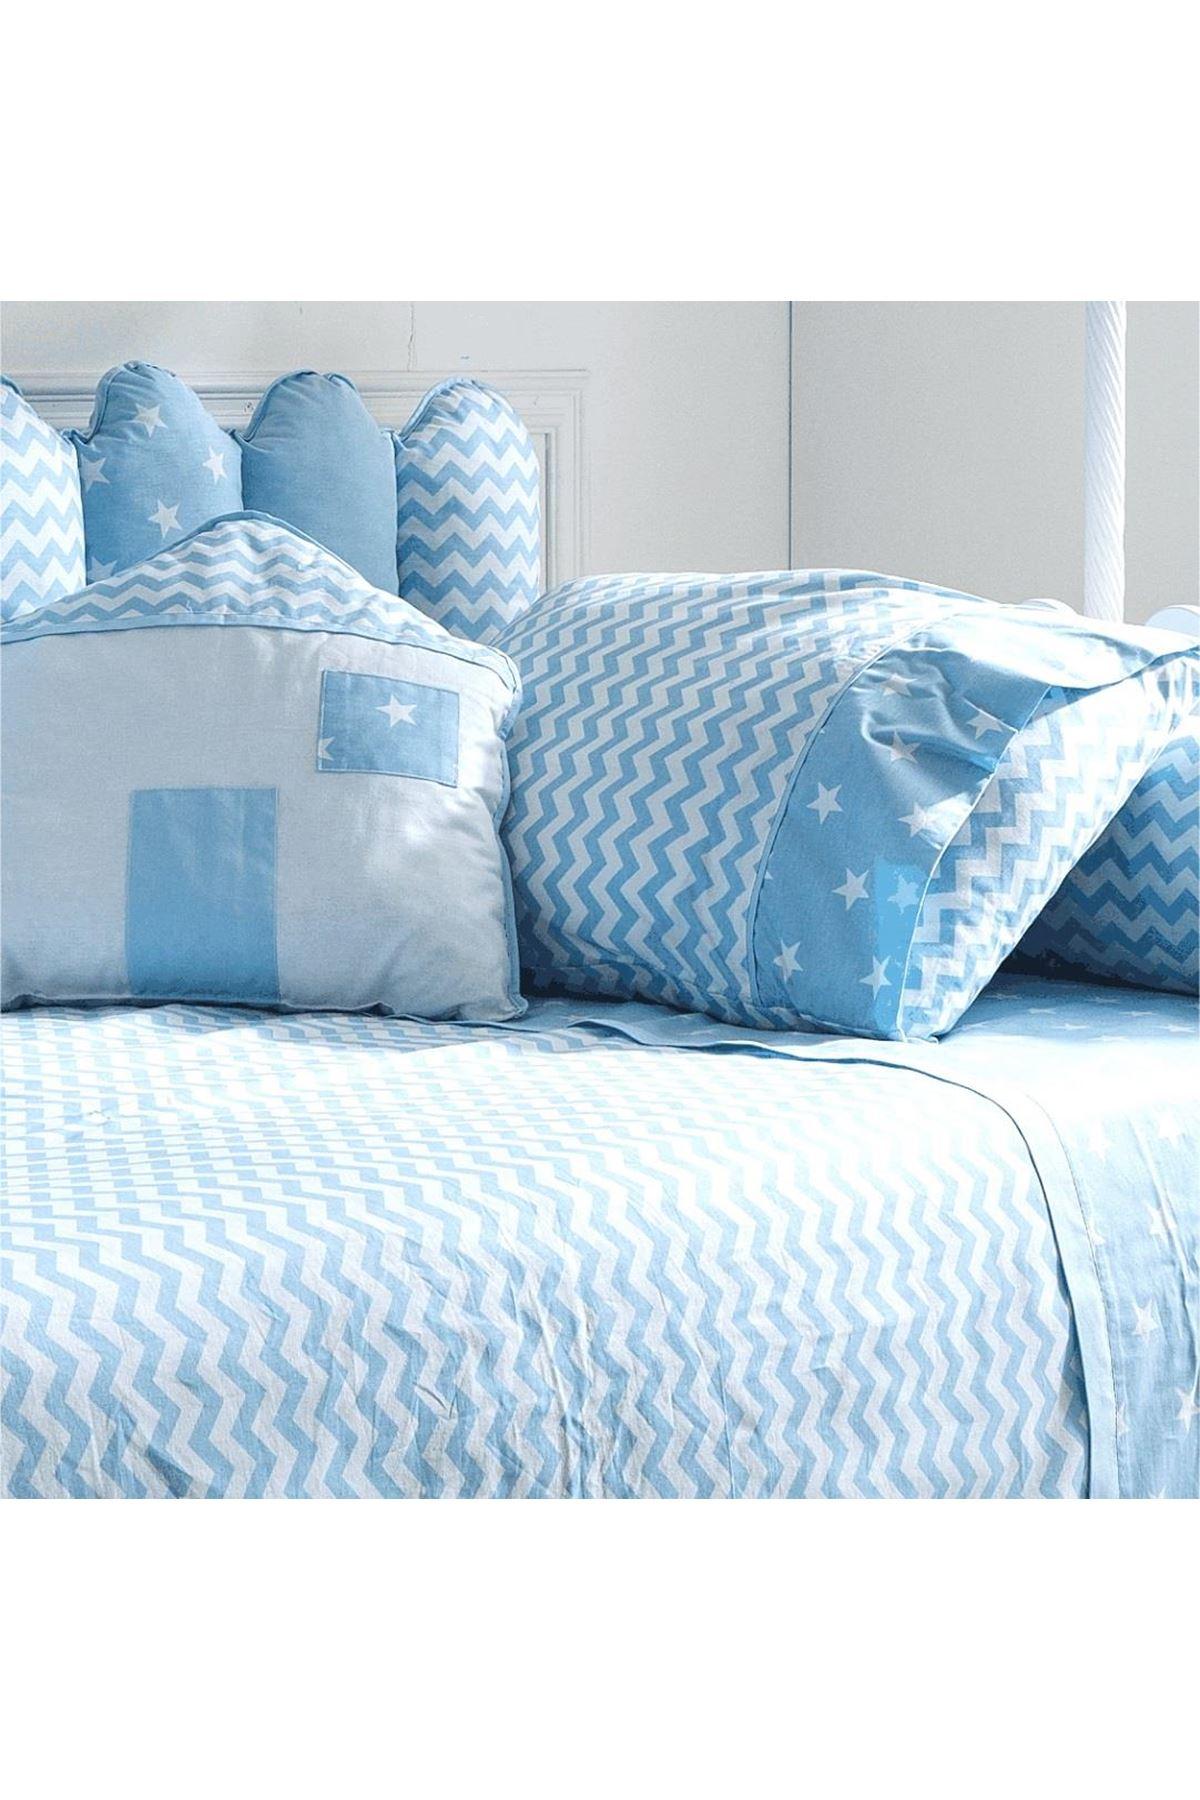 Soft Baby My Home Montessori Uyku Seti 90x190 Blue